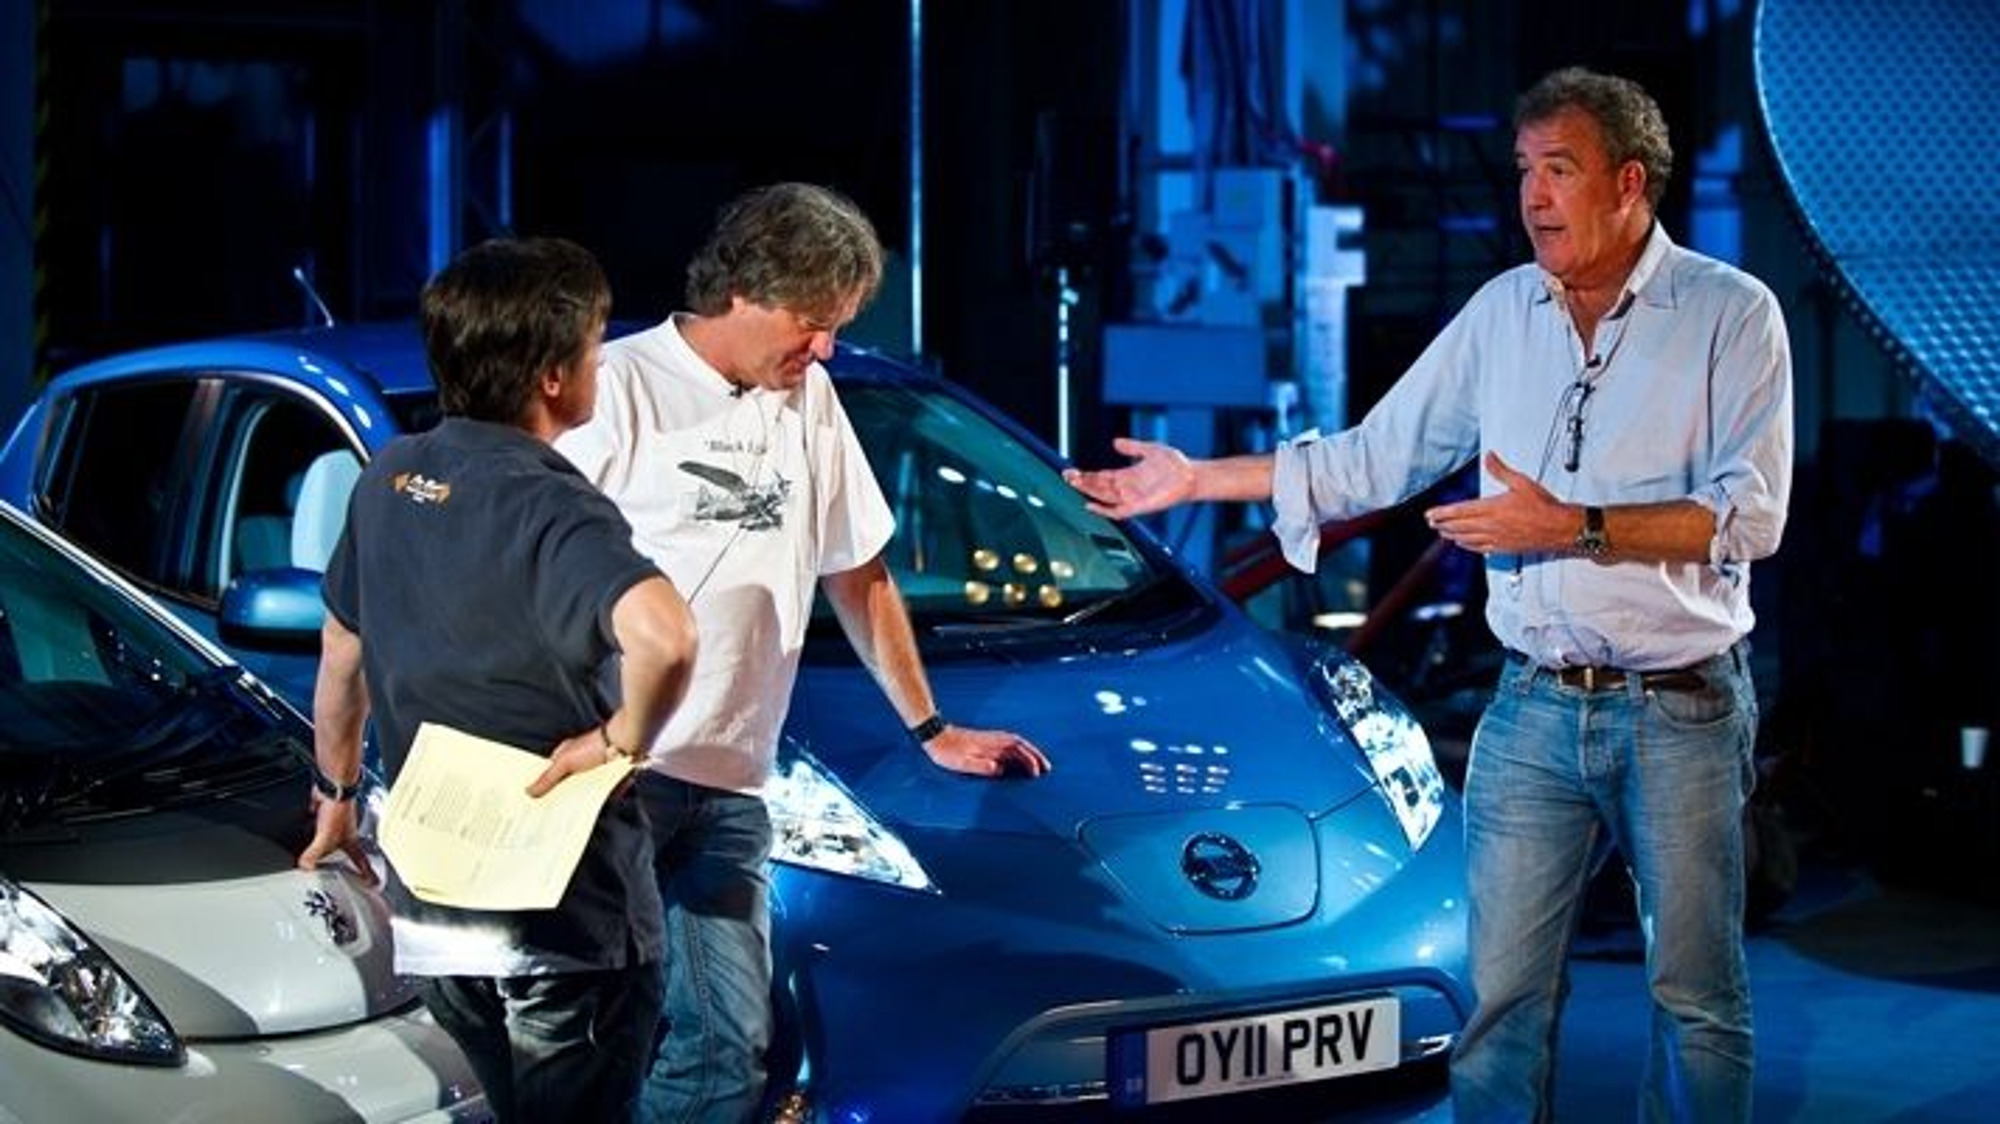 Top Gear-programlederne Jeremy Clarkson (fra høyre), James May og Richard Hammond testet elbilene Nissan Leaf og Peugeot iOn i siste program. Det endte selvsagt med flatt batteri og mye venting ved ladepunktet.